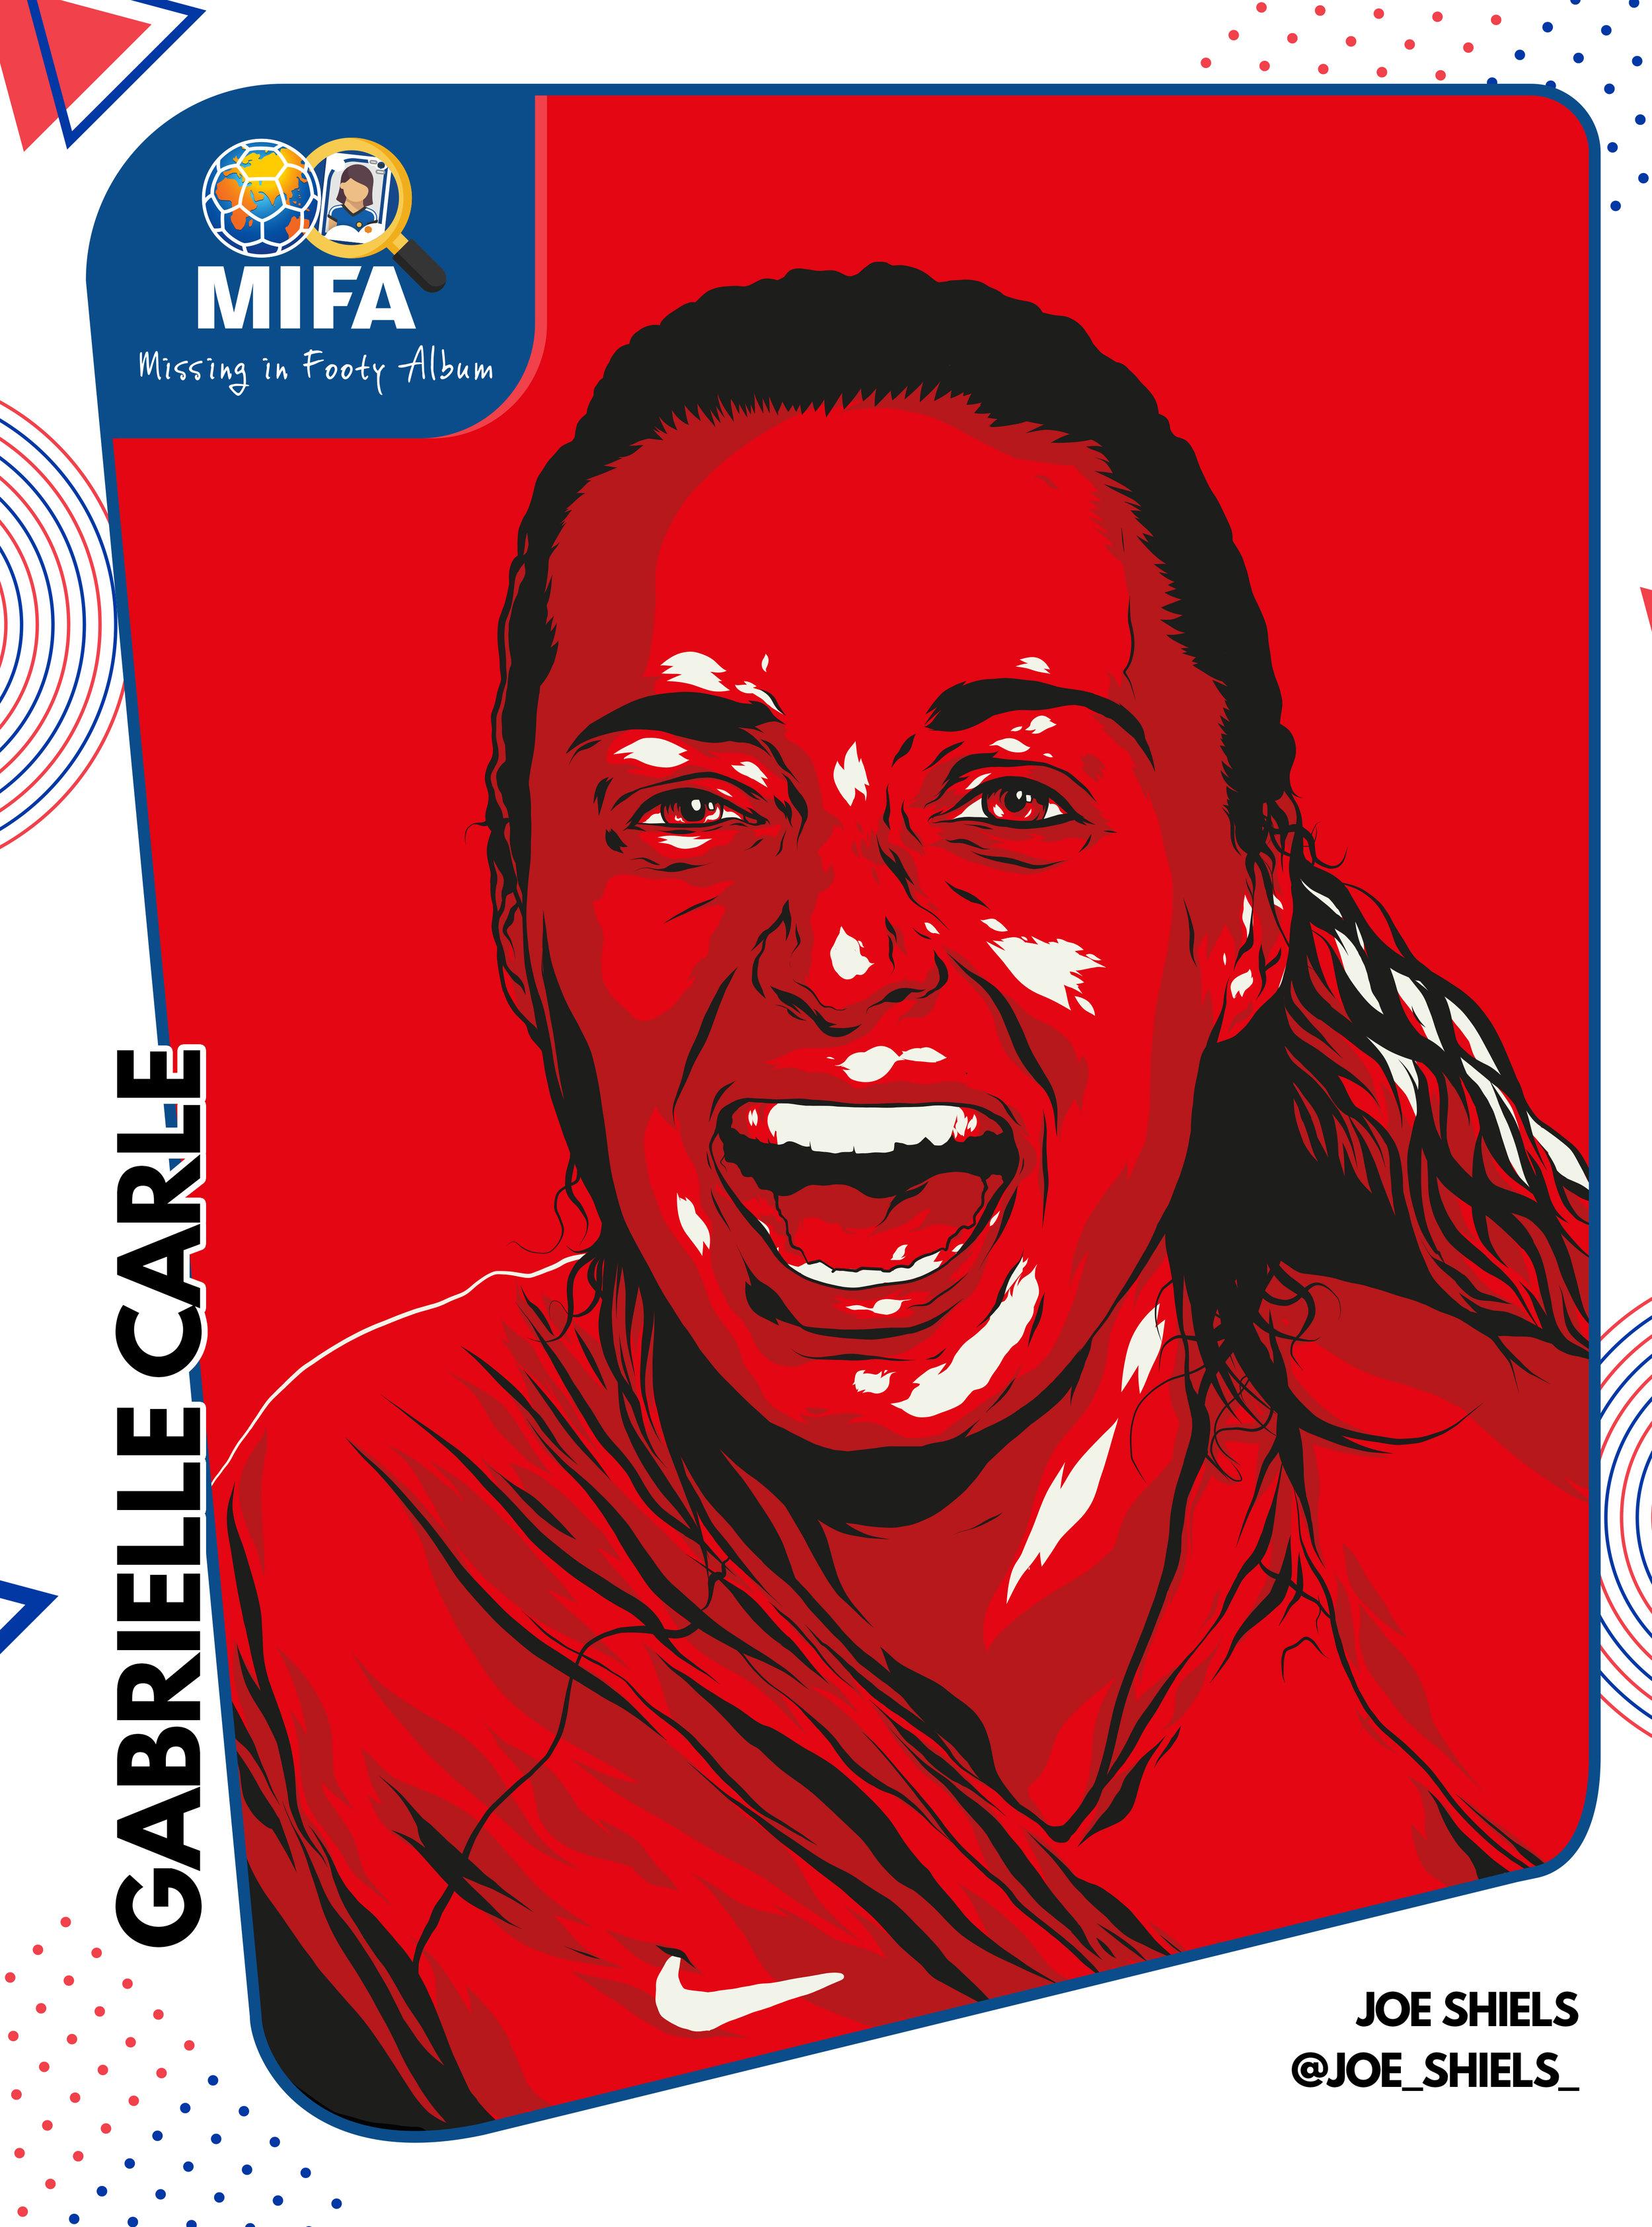 MIFA 2019 Gabrielle Carle - Joe Shiels.jpg